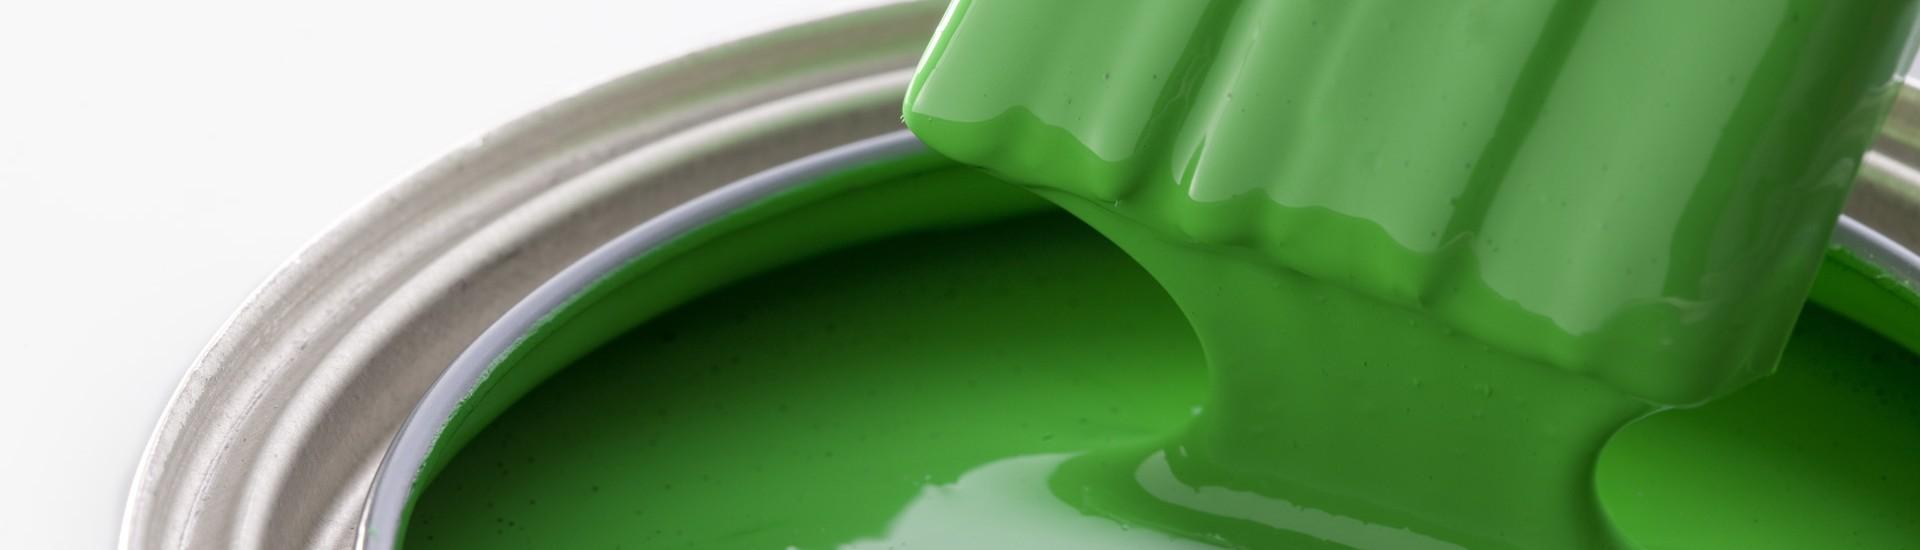 Verf-Groen